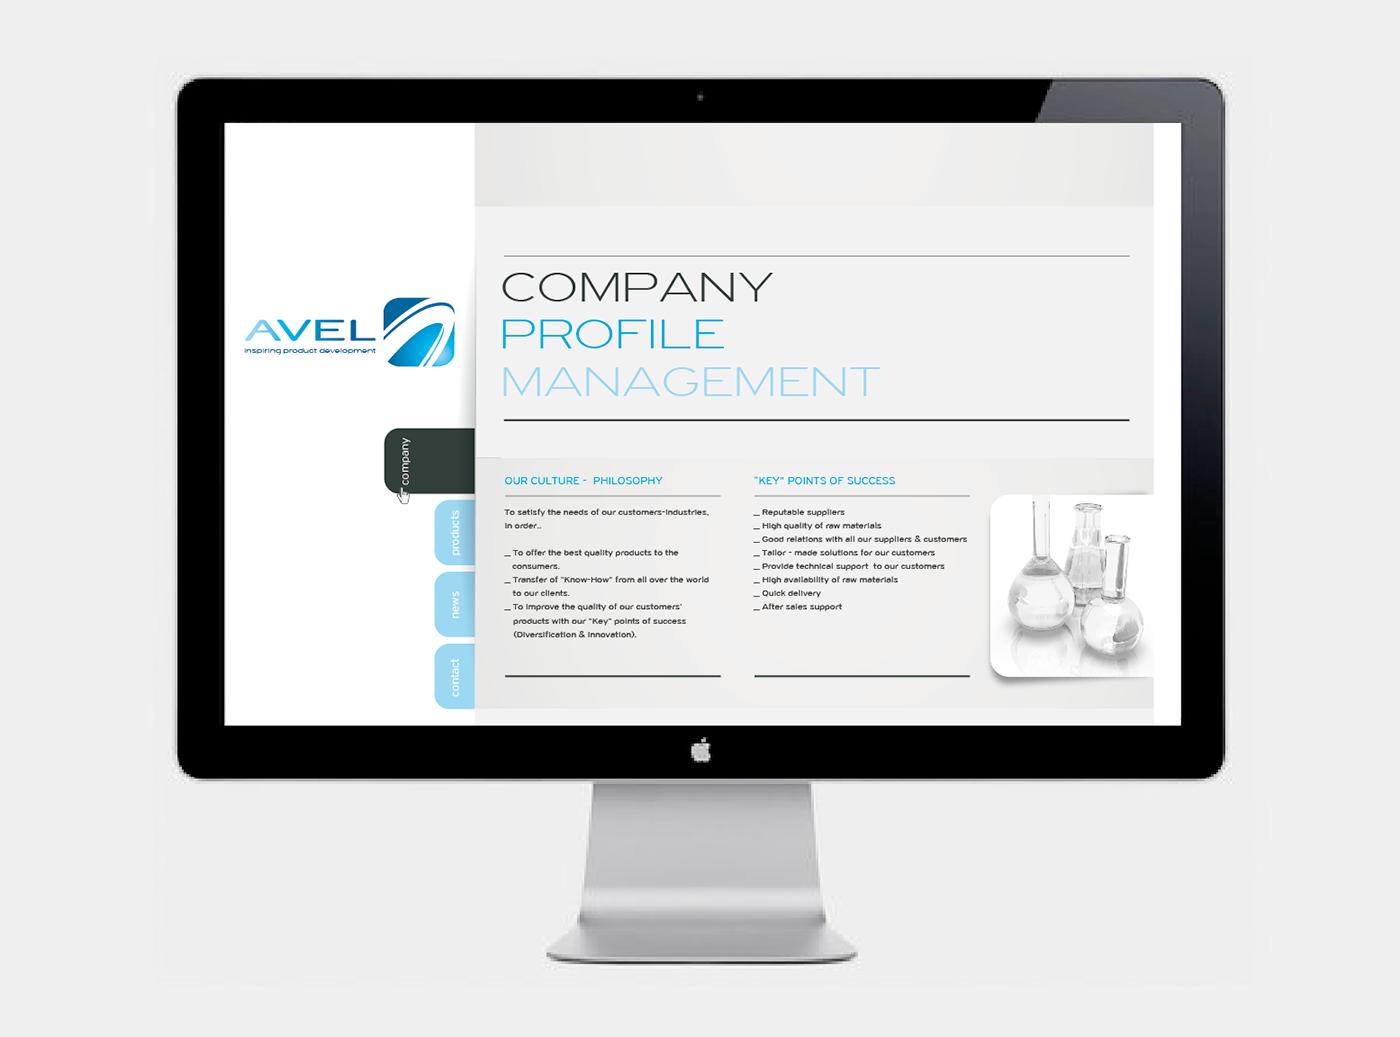 Avel Website design